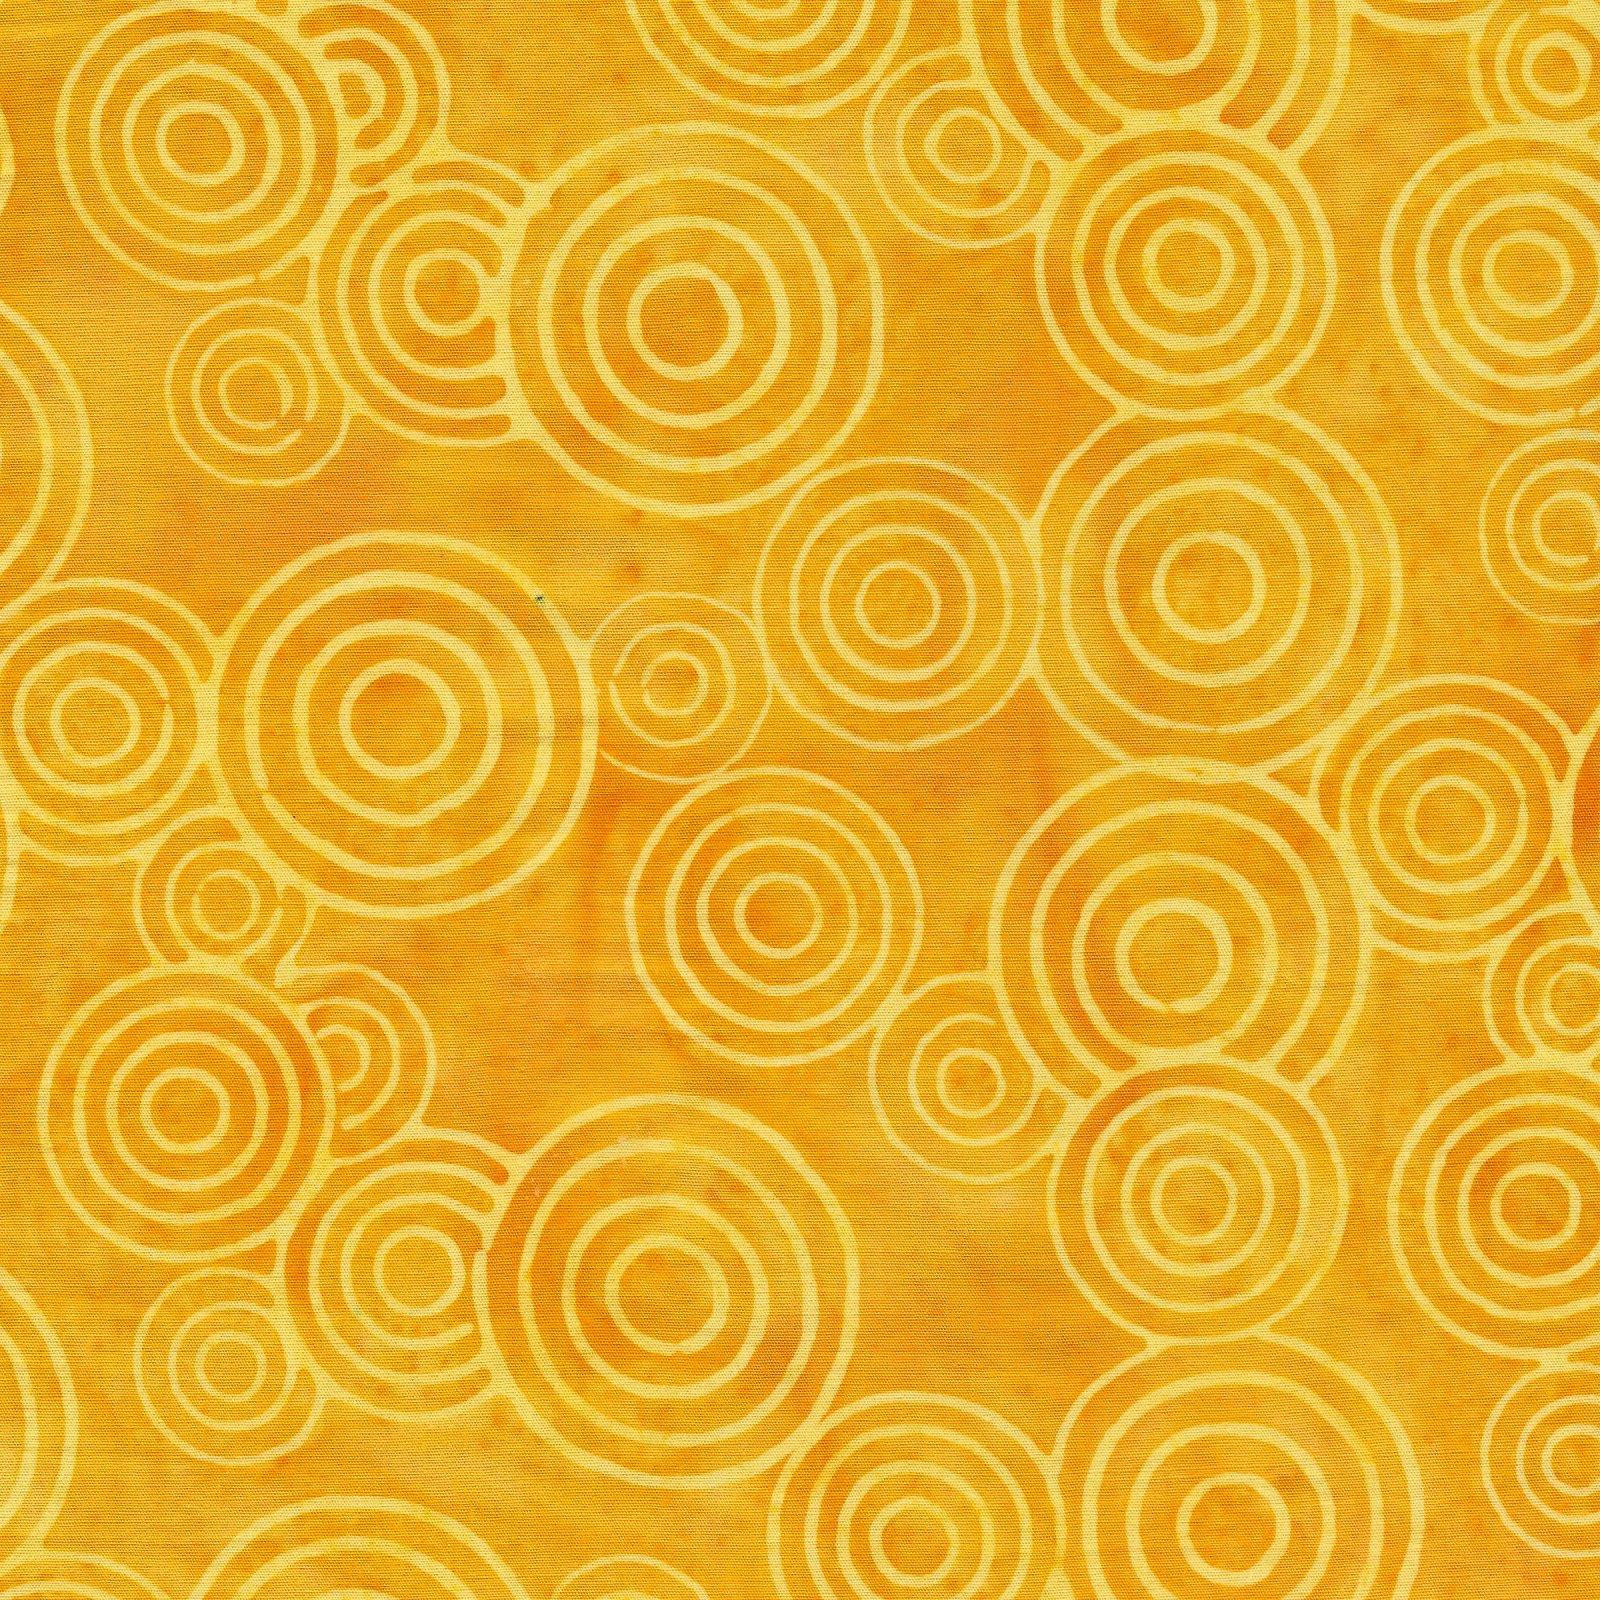 Circles - Lemonade